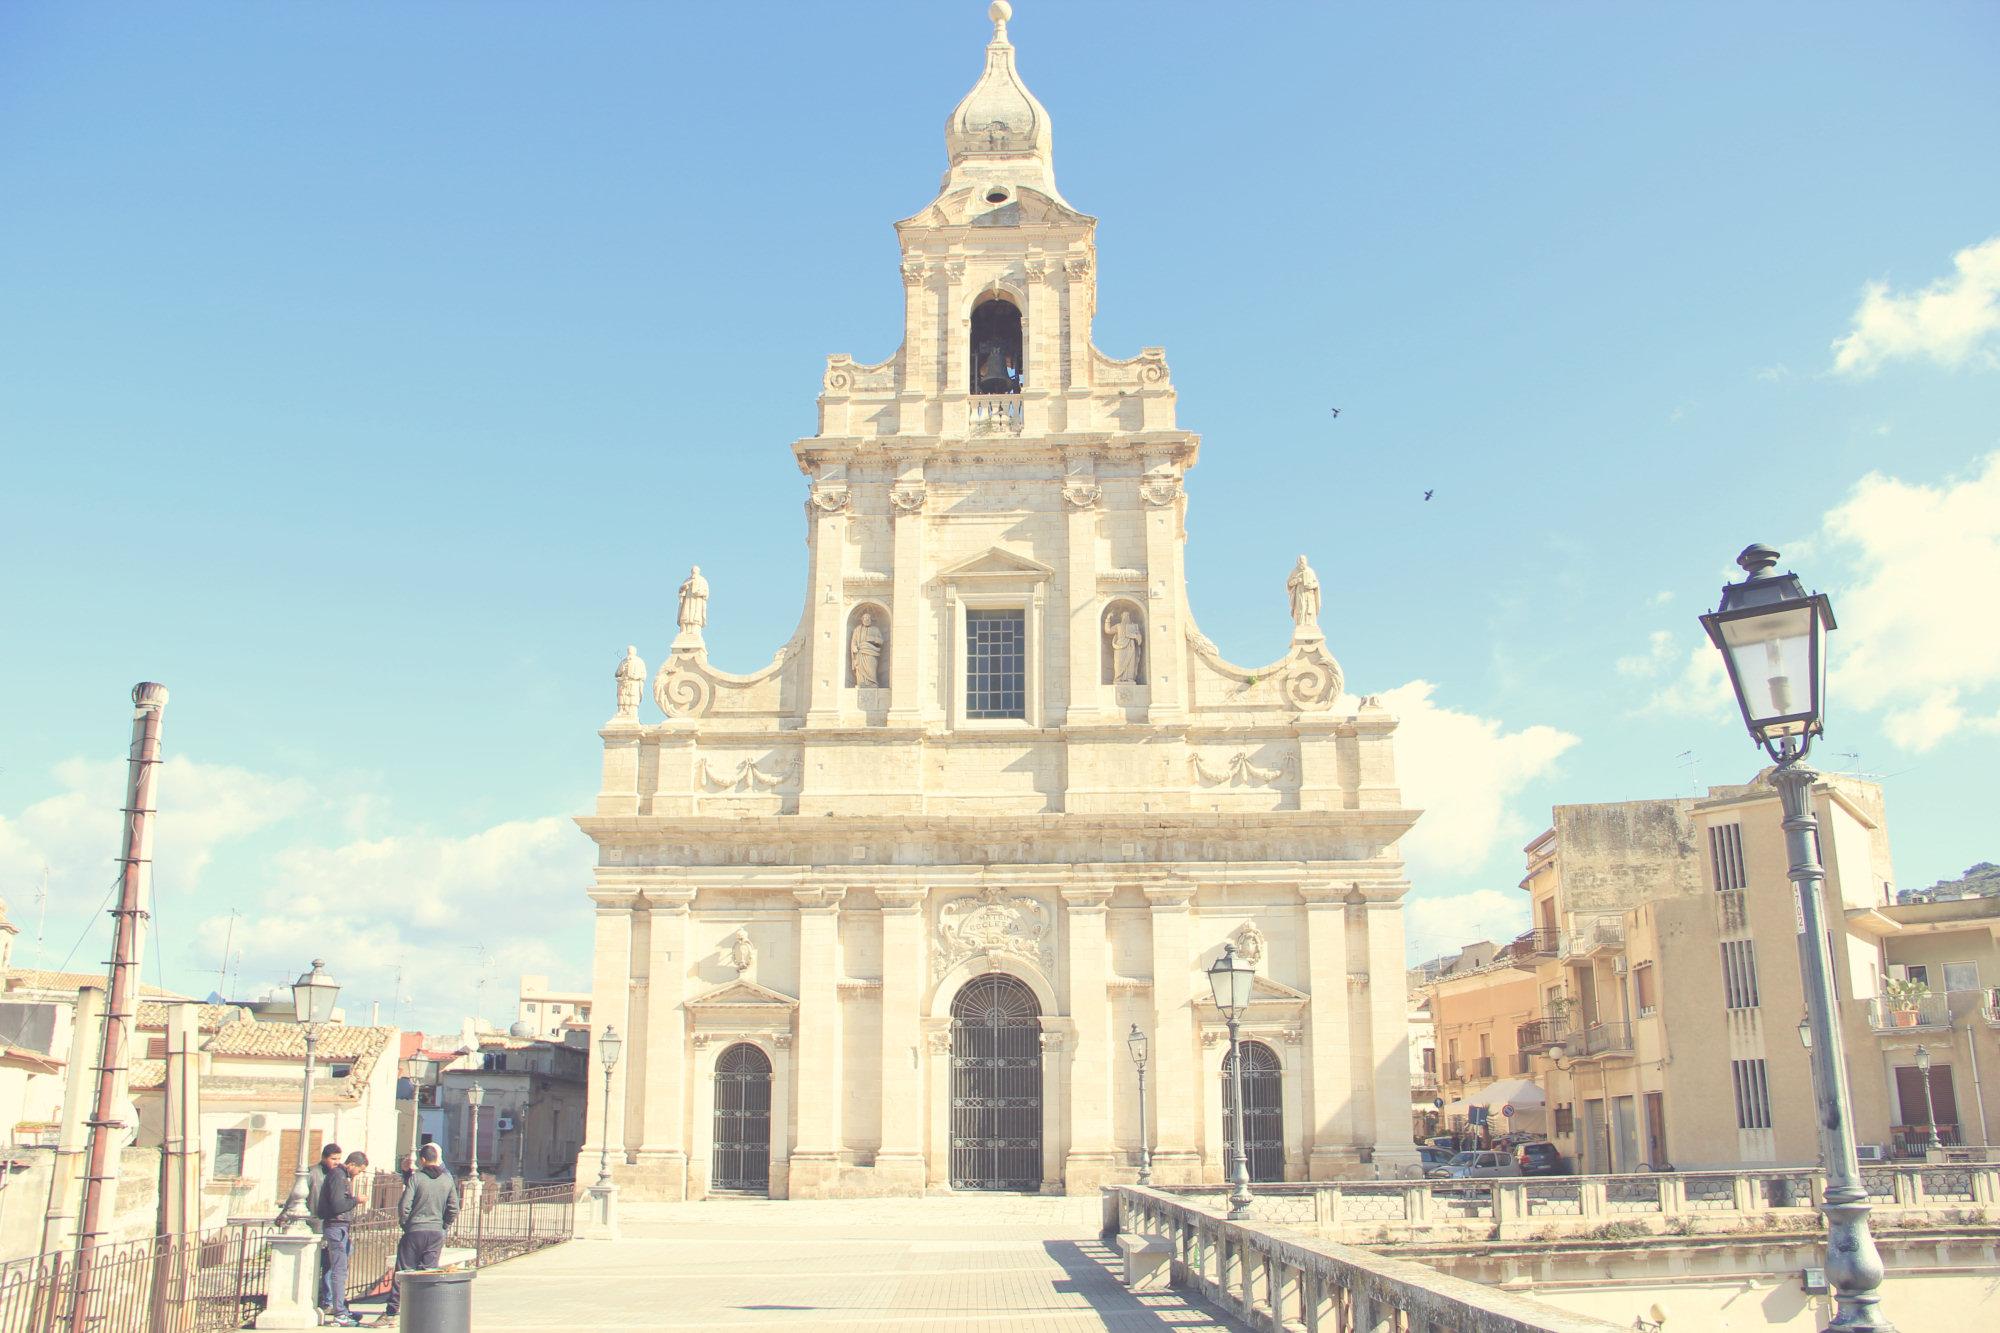 Wspomnienia sycylijskie: Tydzień 1. Przyjazd i pierwsze konwersacje migowe